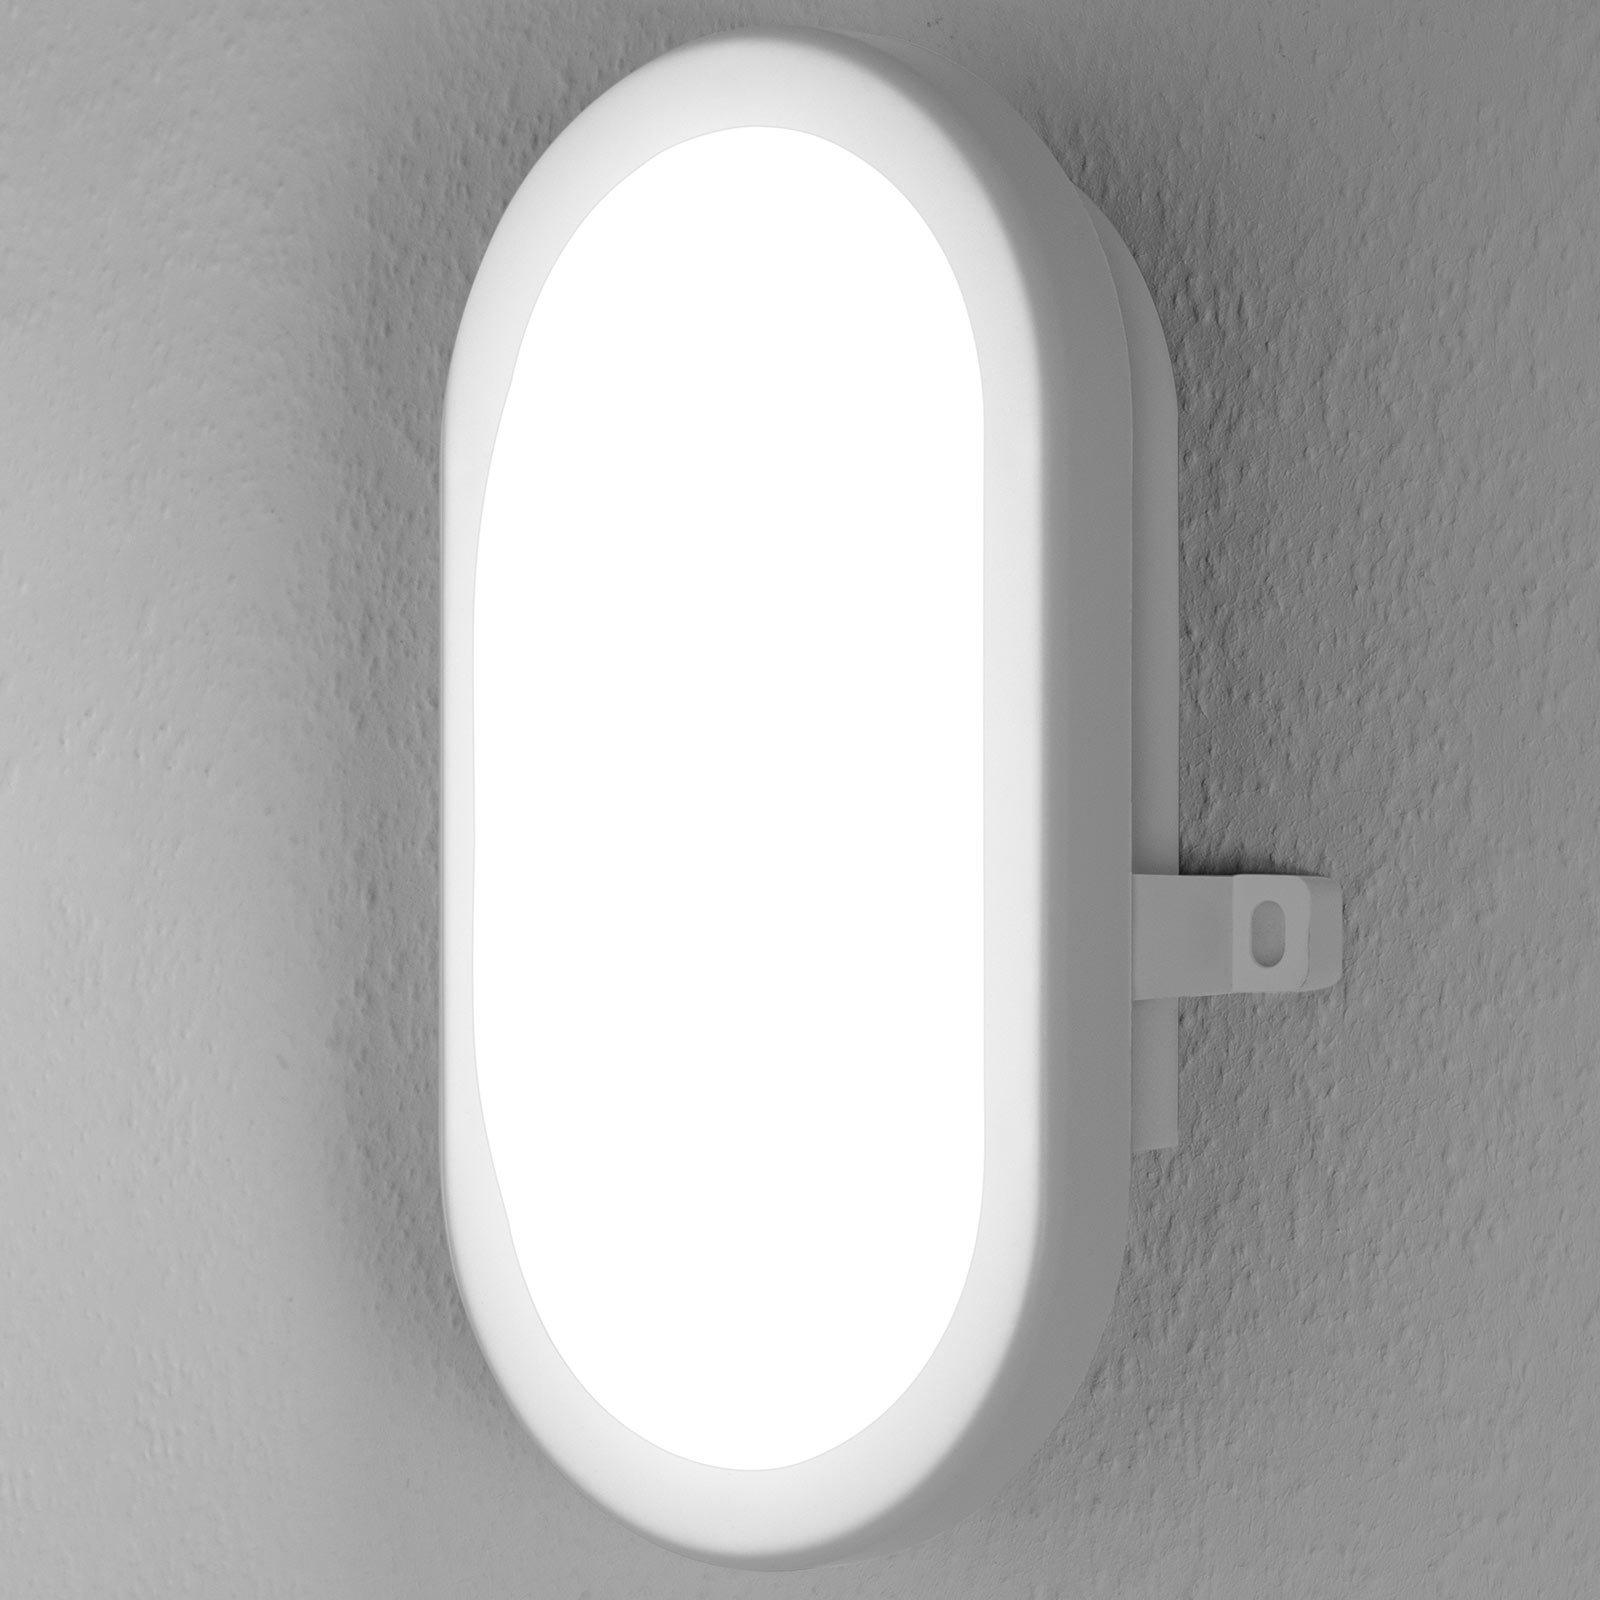 LEDVANCE Bulkhead utendørs LED-vegglampe 11W hvit